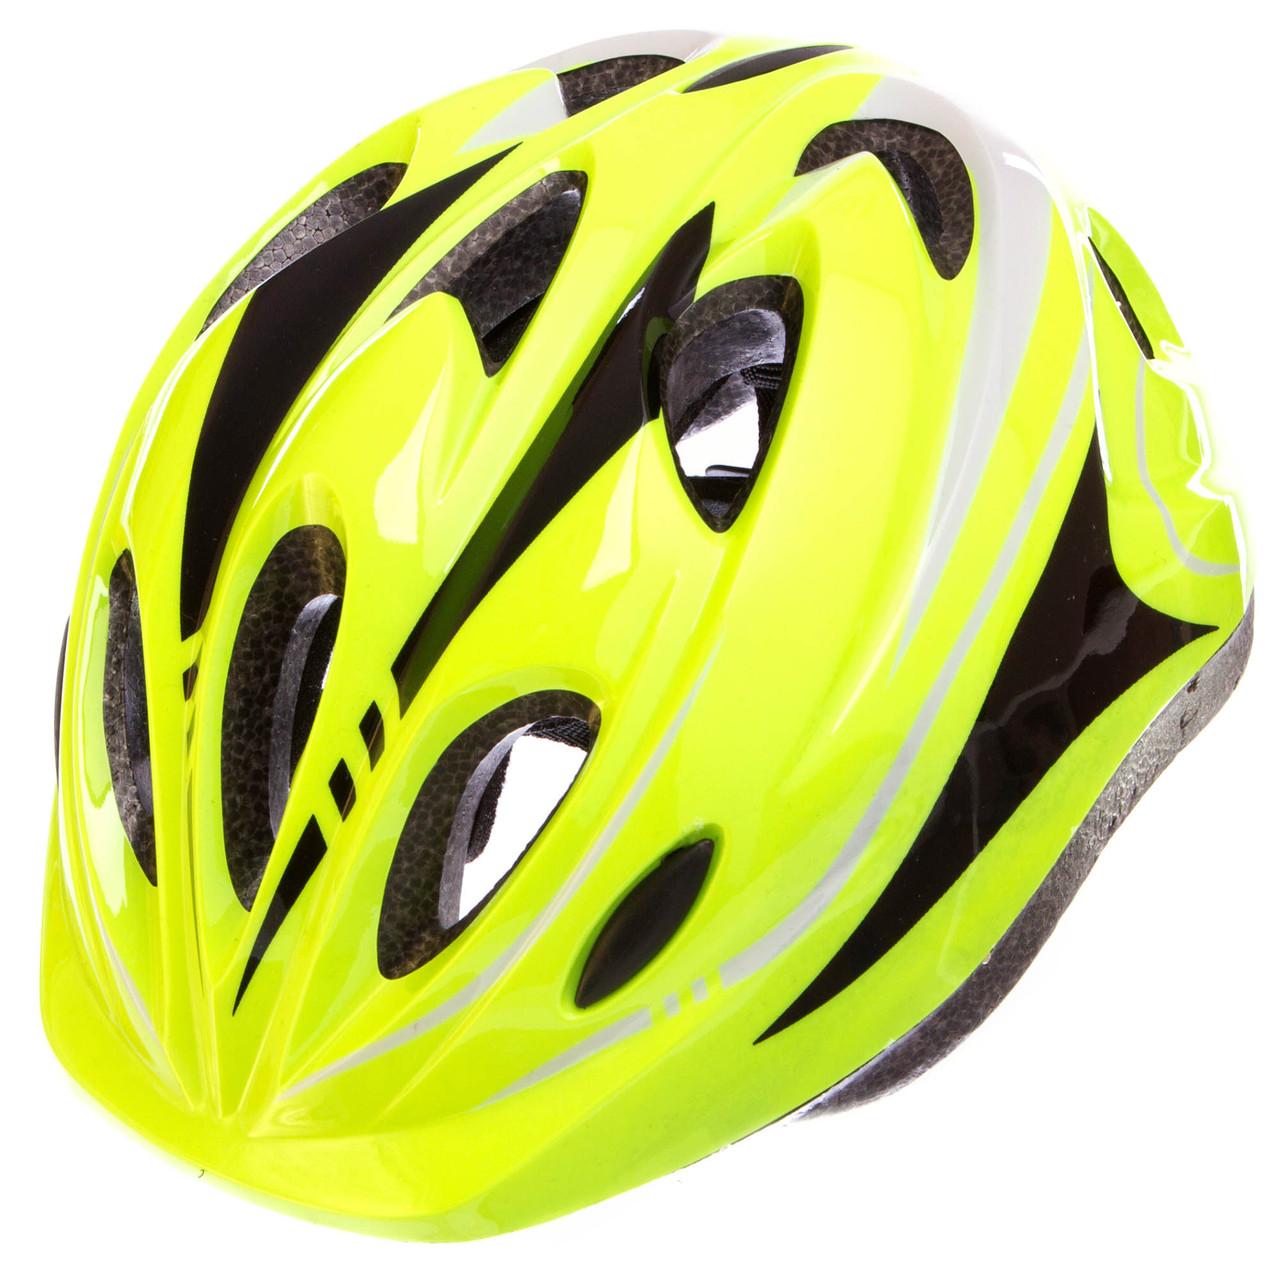 Шлем защитный с механизмом регулировки (L-54-56) SK-5611, салатовый